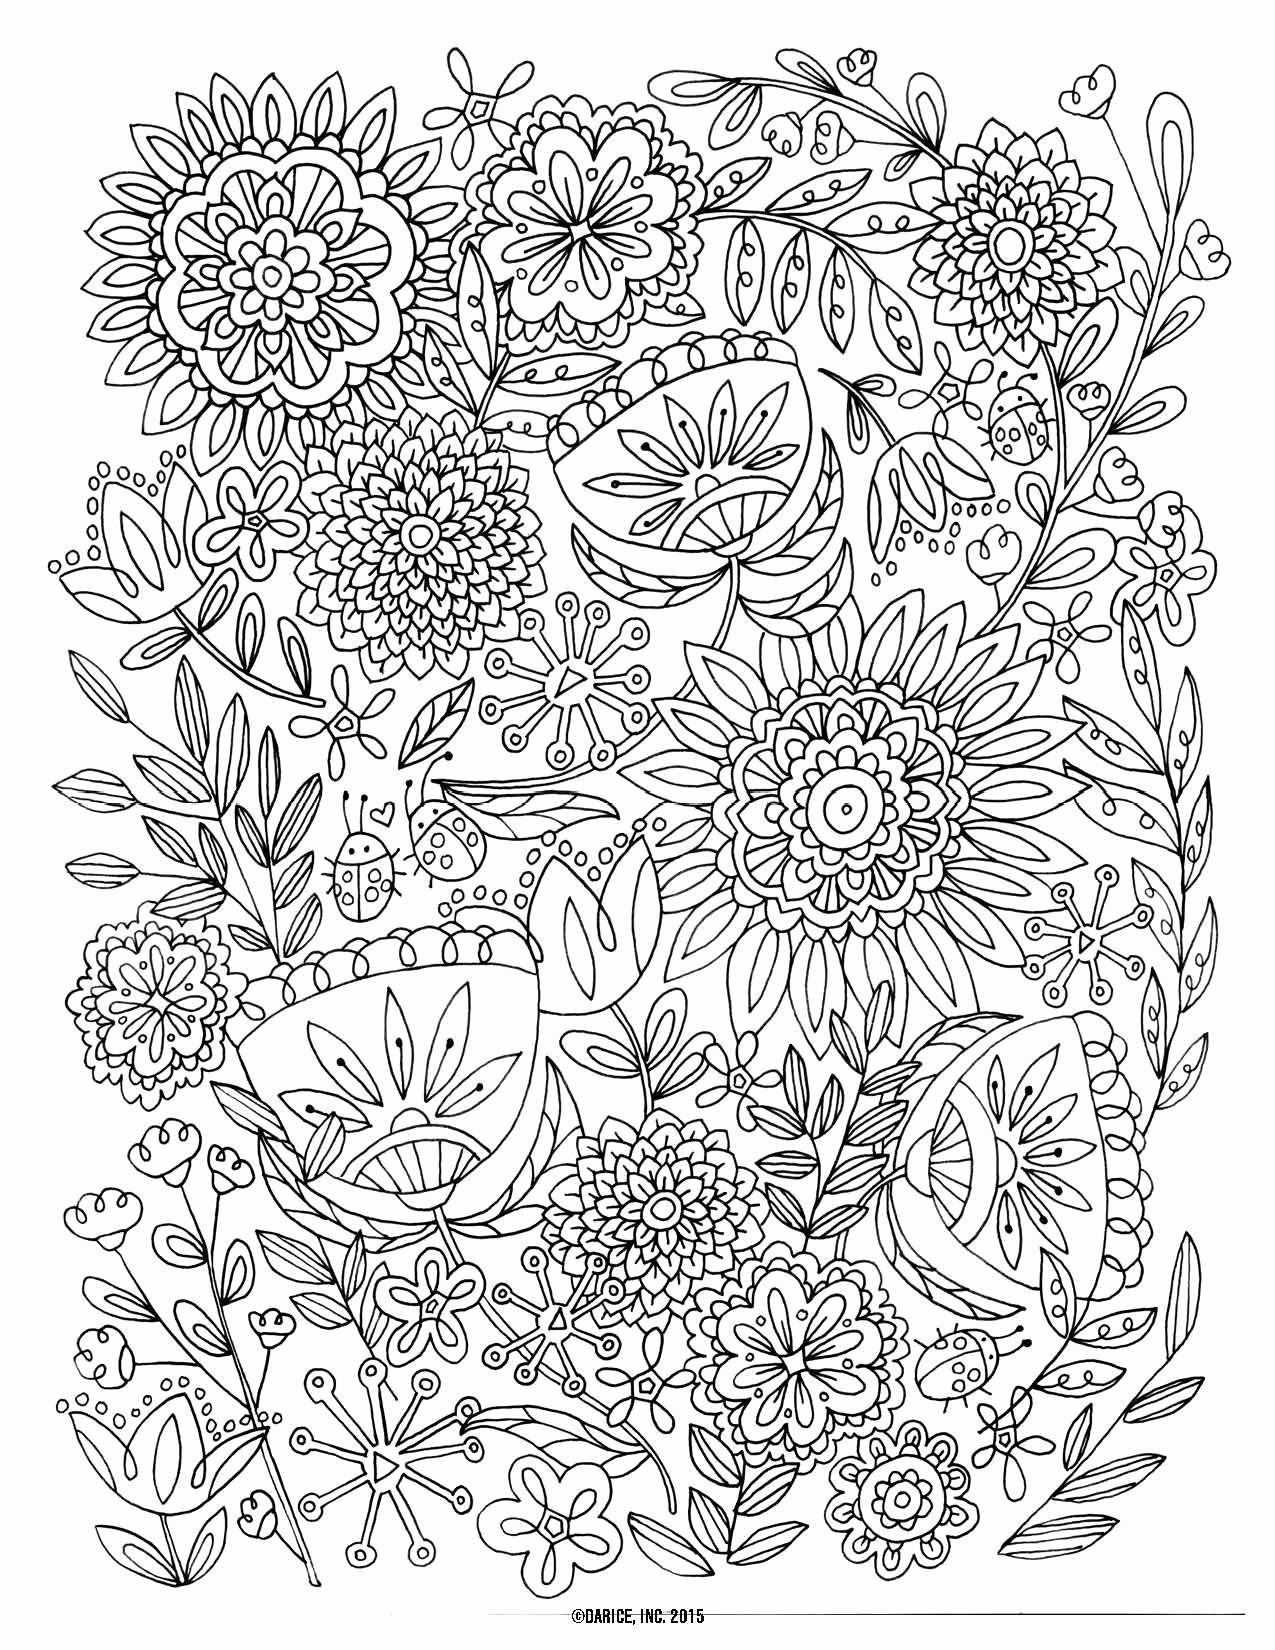 Minions Bilder Zum Ausdrucken Das Beste Von Minion Coloring Pages Awesome Graphy 40 Ausmalbilder Zum Bild